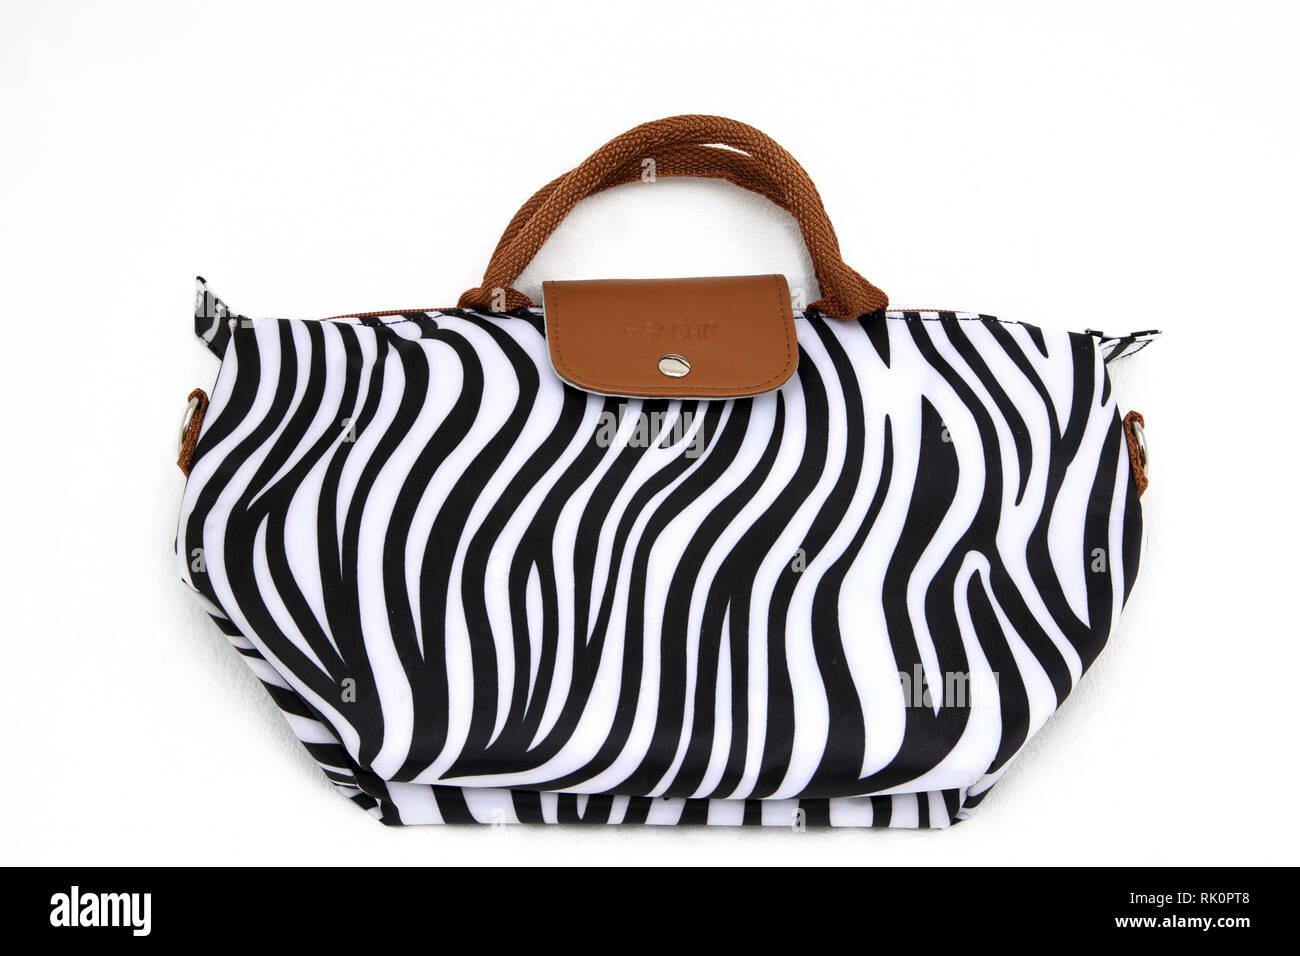 7900ddda583ee Sachi Schwarz und Weiß Zebra drucken Isolierte Handtasche Stockfoto ...